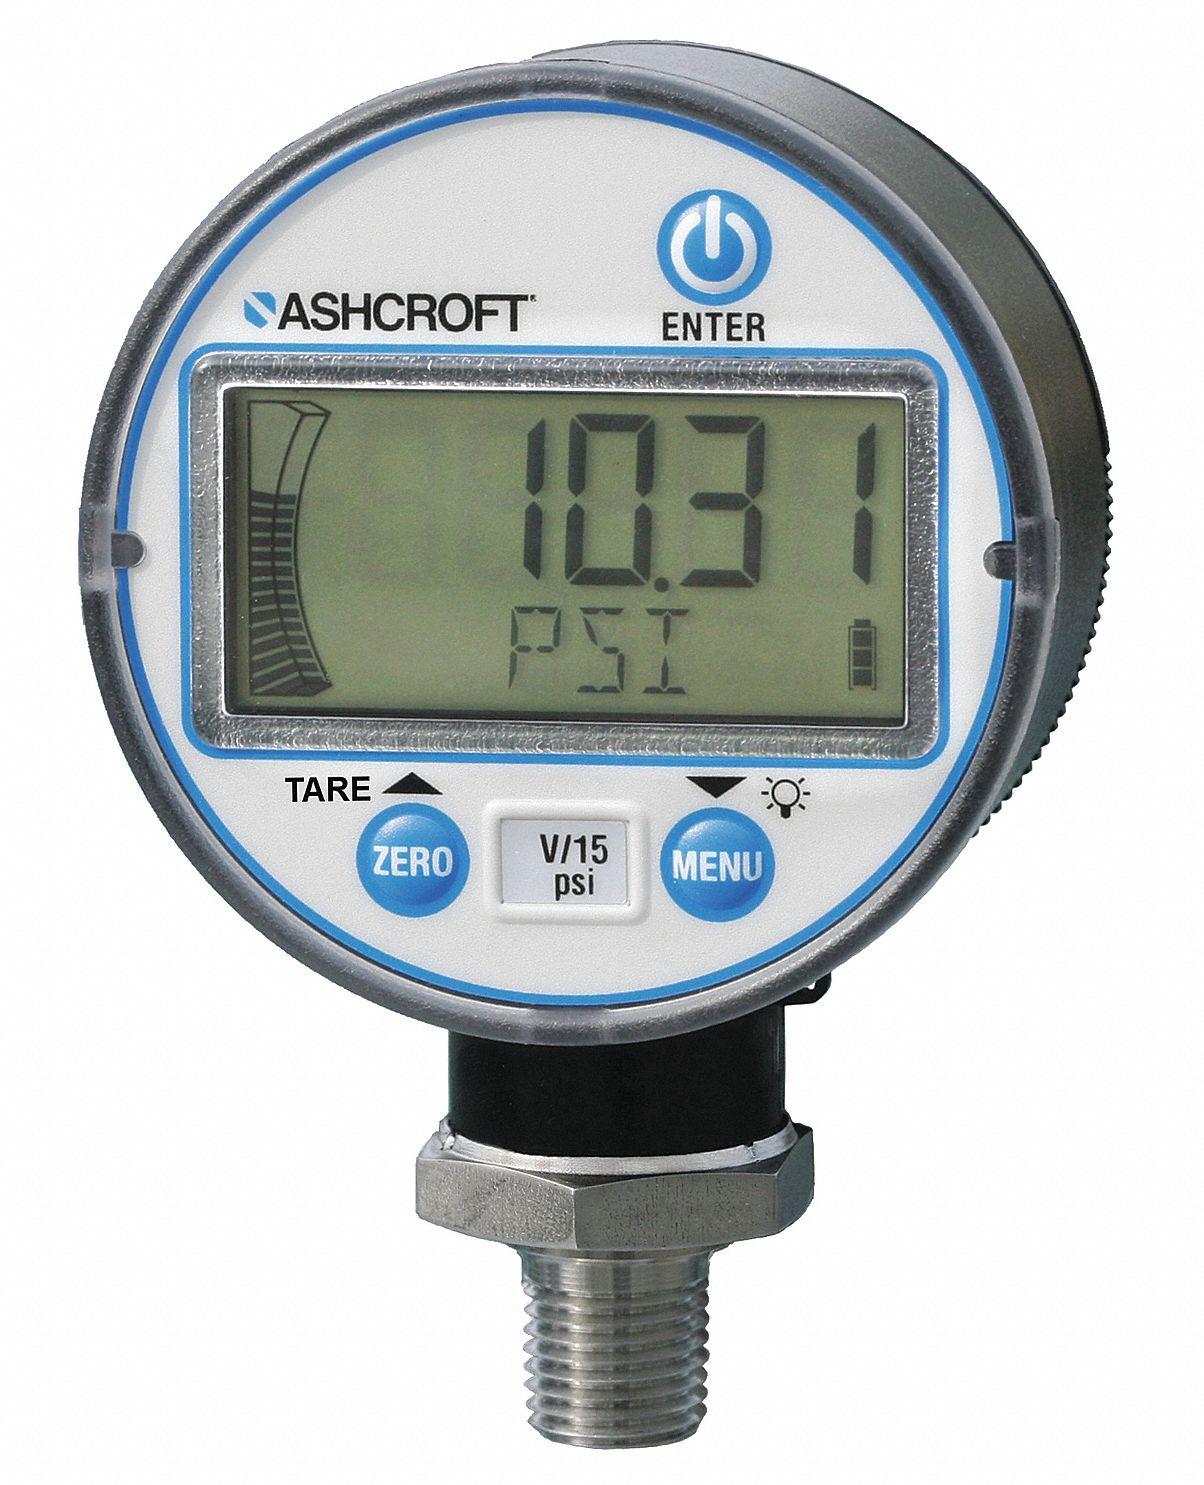 0 to 30 psi Digital Pressure Gauge, 2-1/2